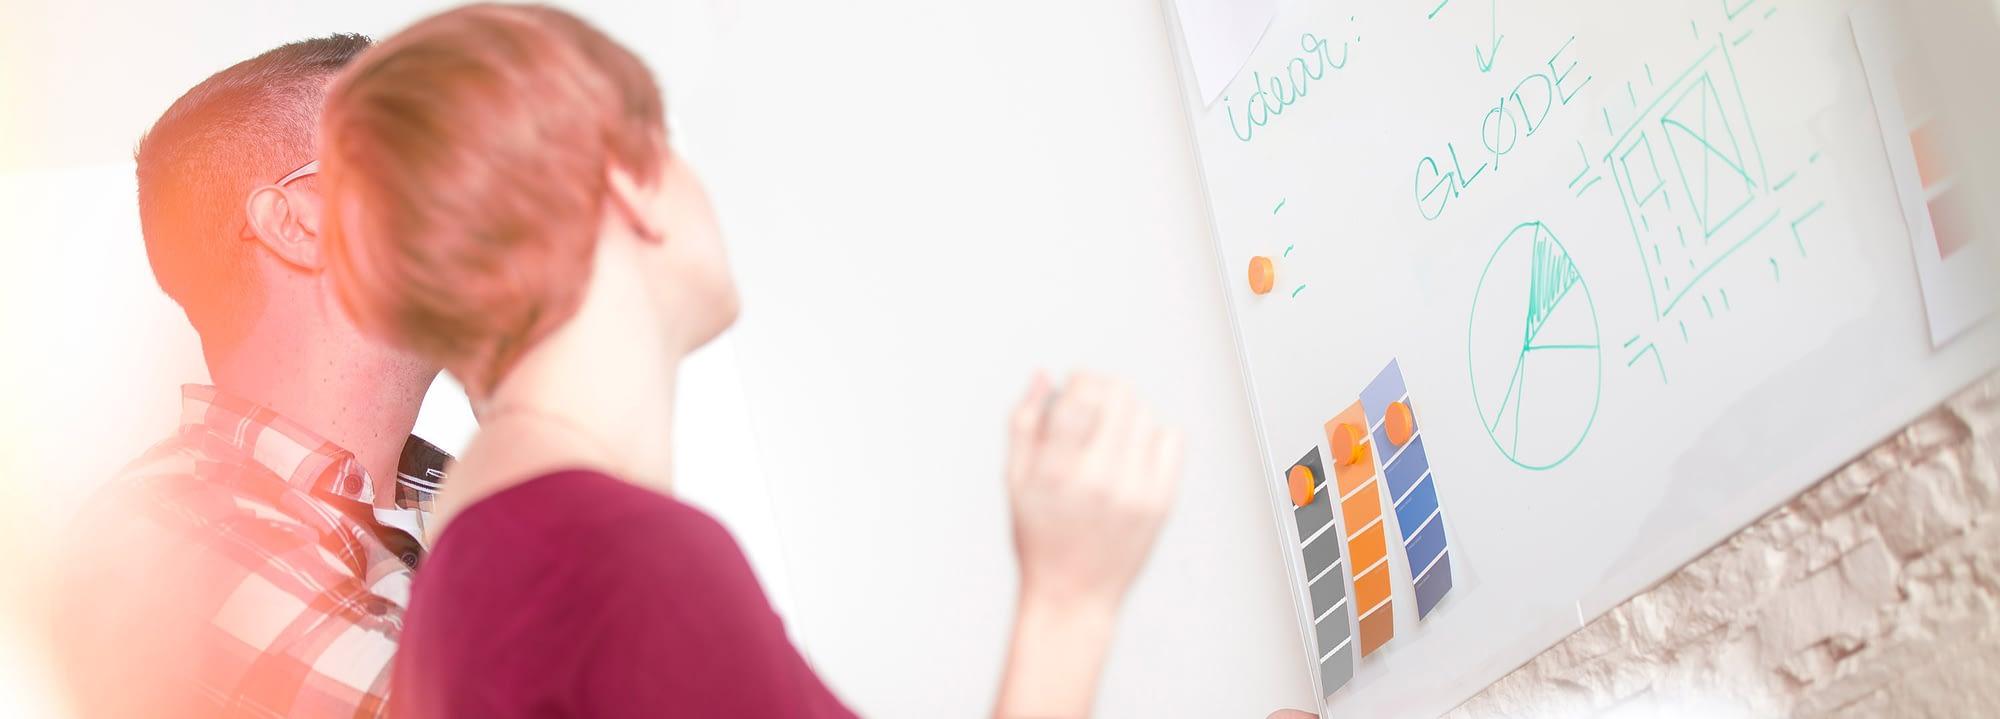 Workshop med reklamebyrå ved design av ny nettside